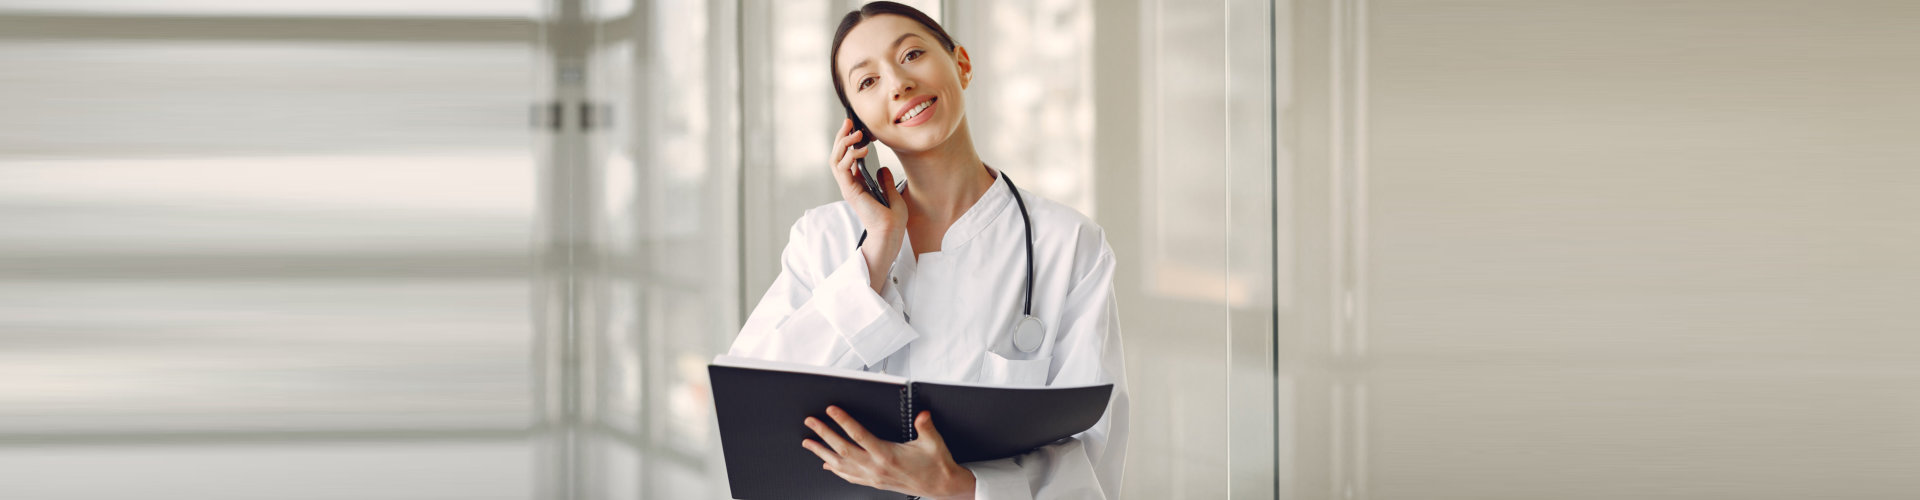 a female on a phone